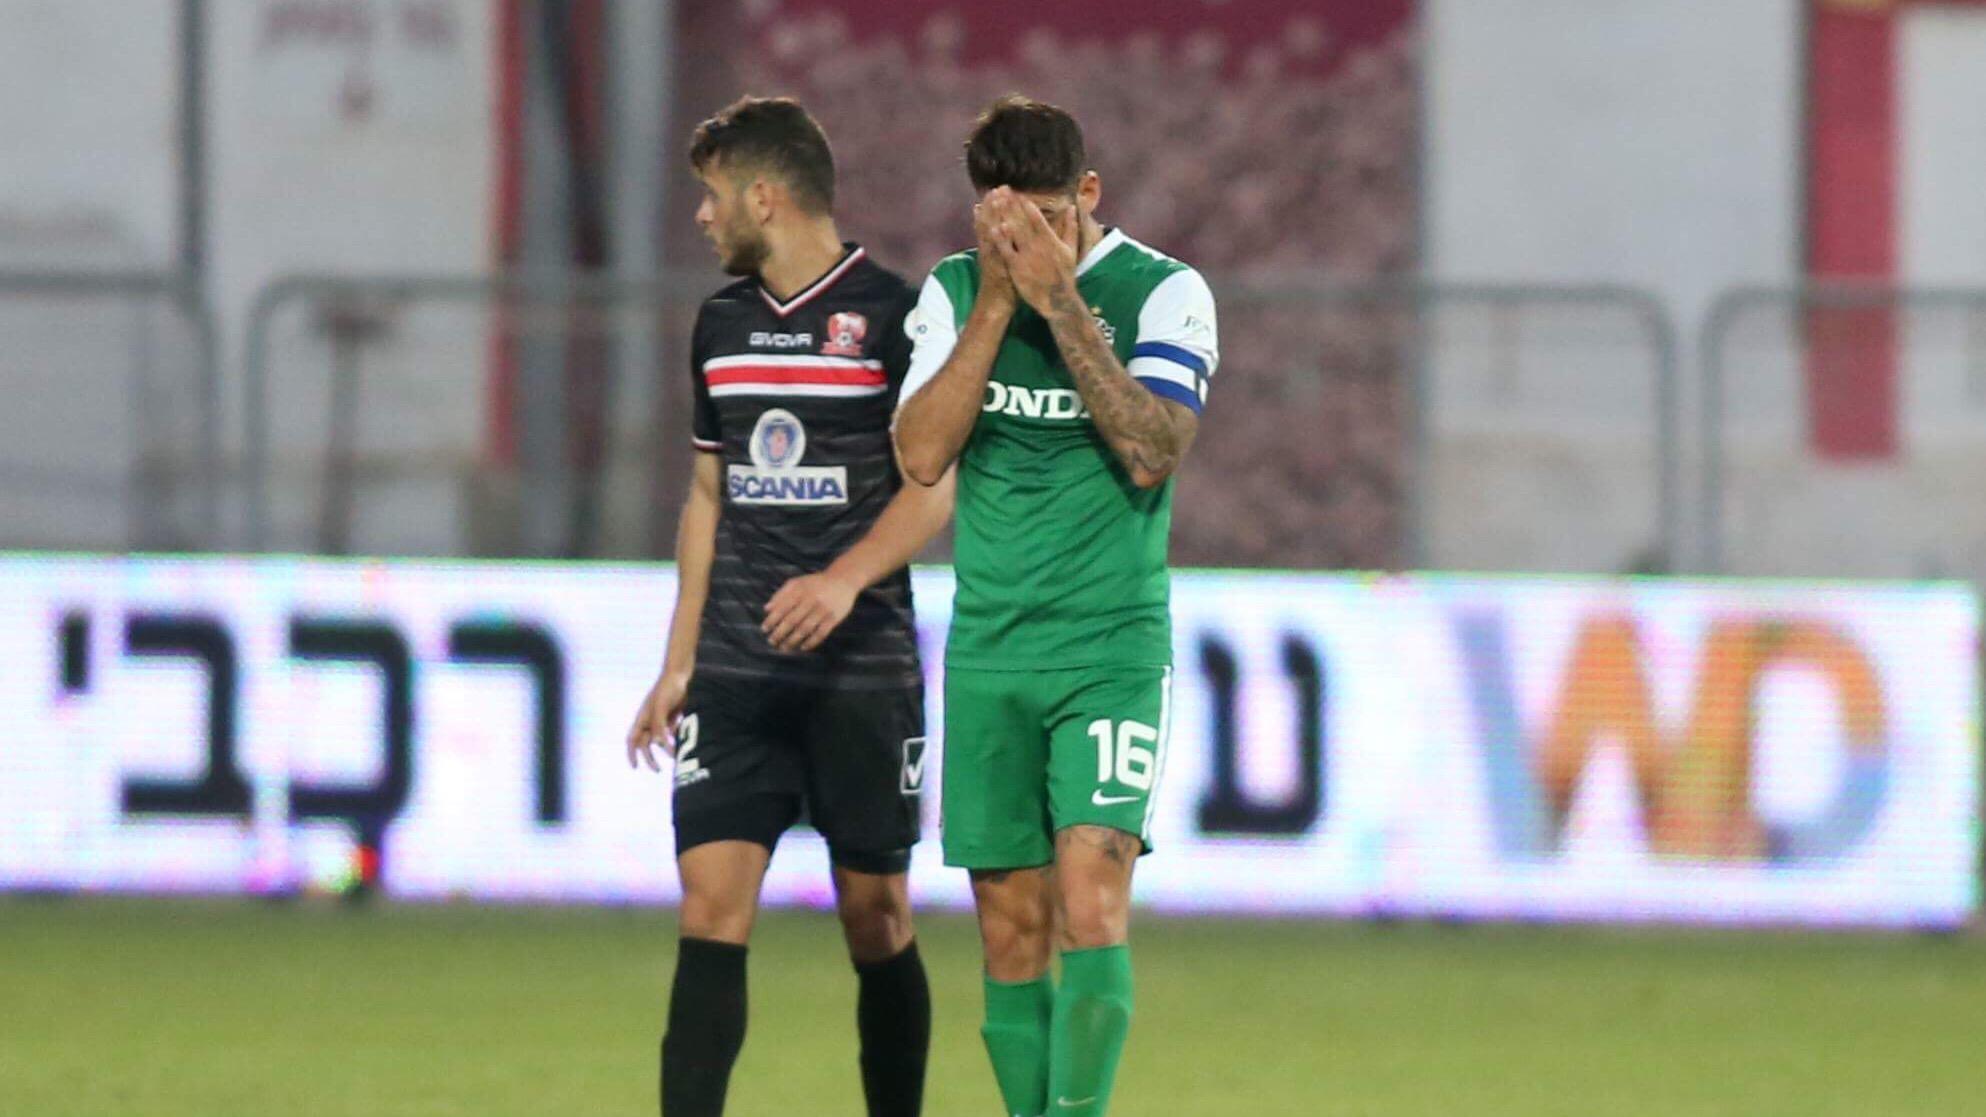 0:1 לסכנין בדוחא על מכבי חיפה. הפסד שביעי בפלייאוף לירוקים